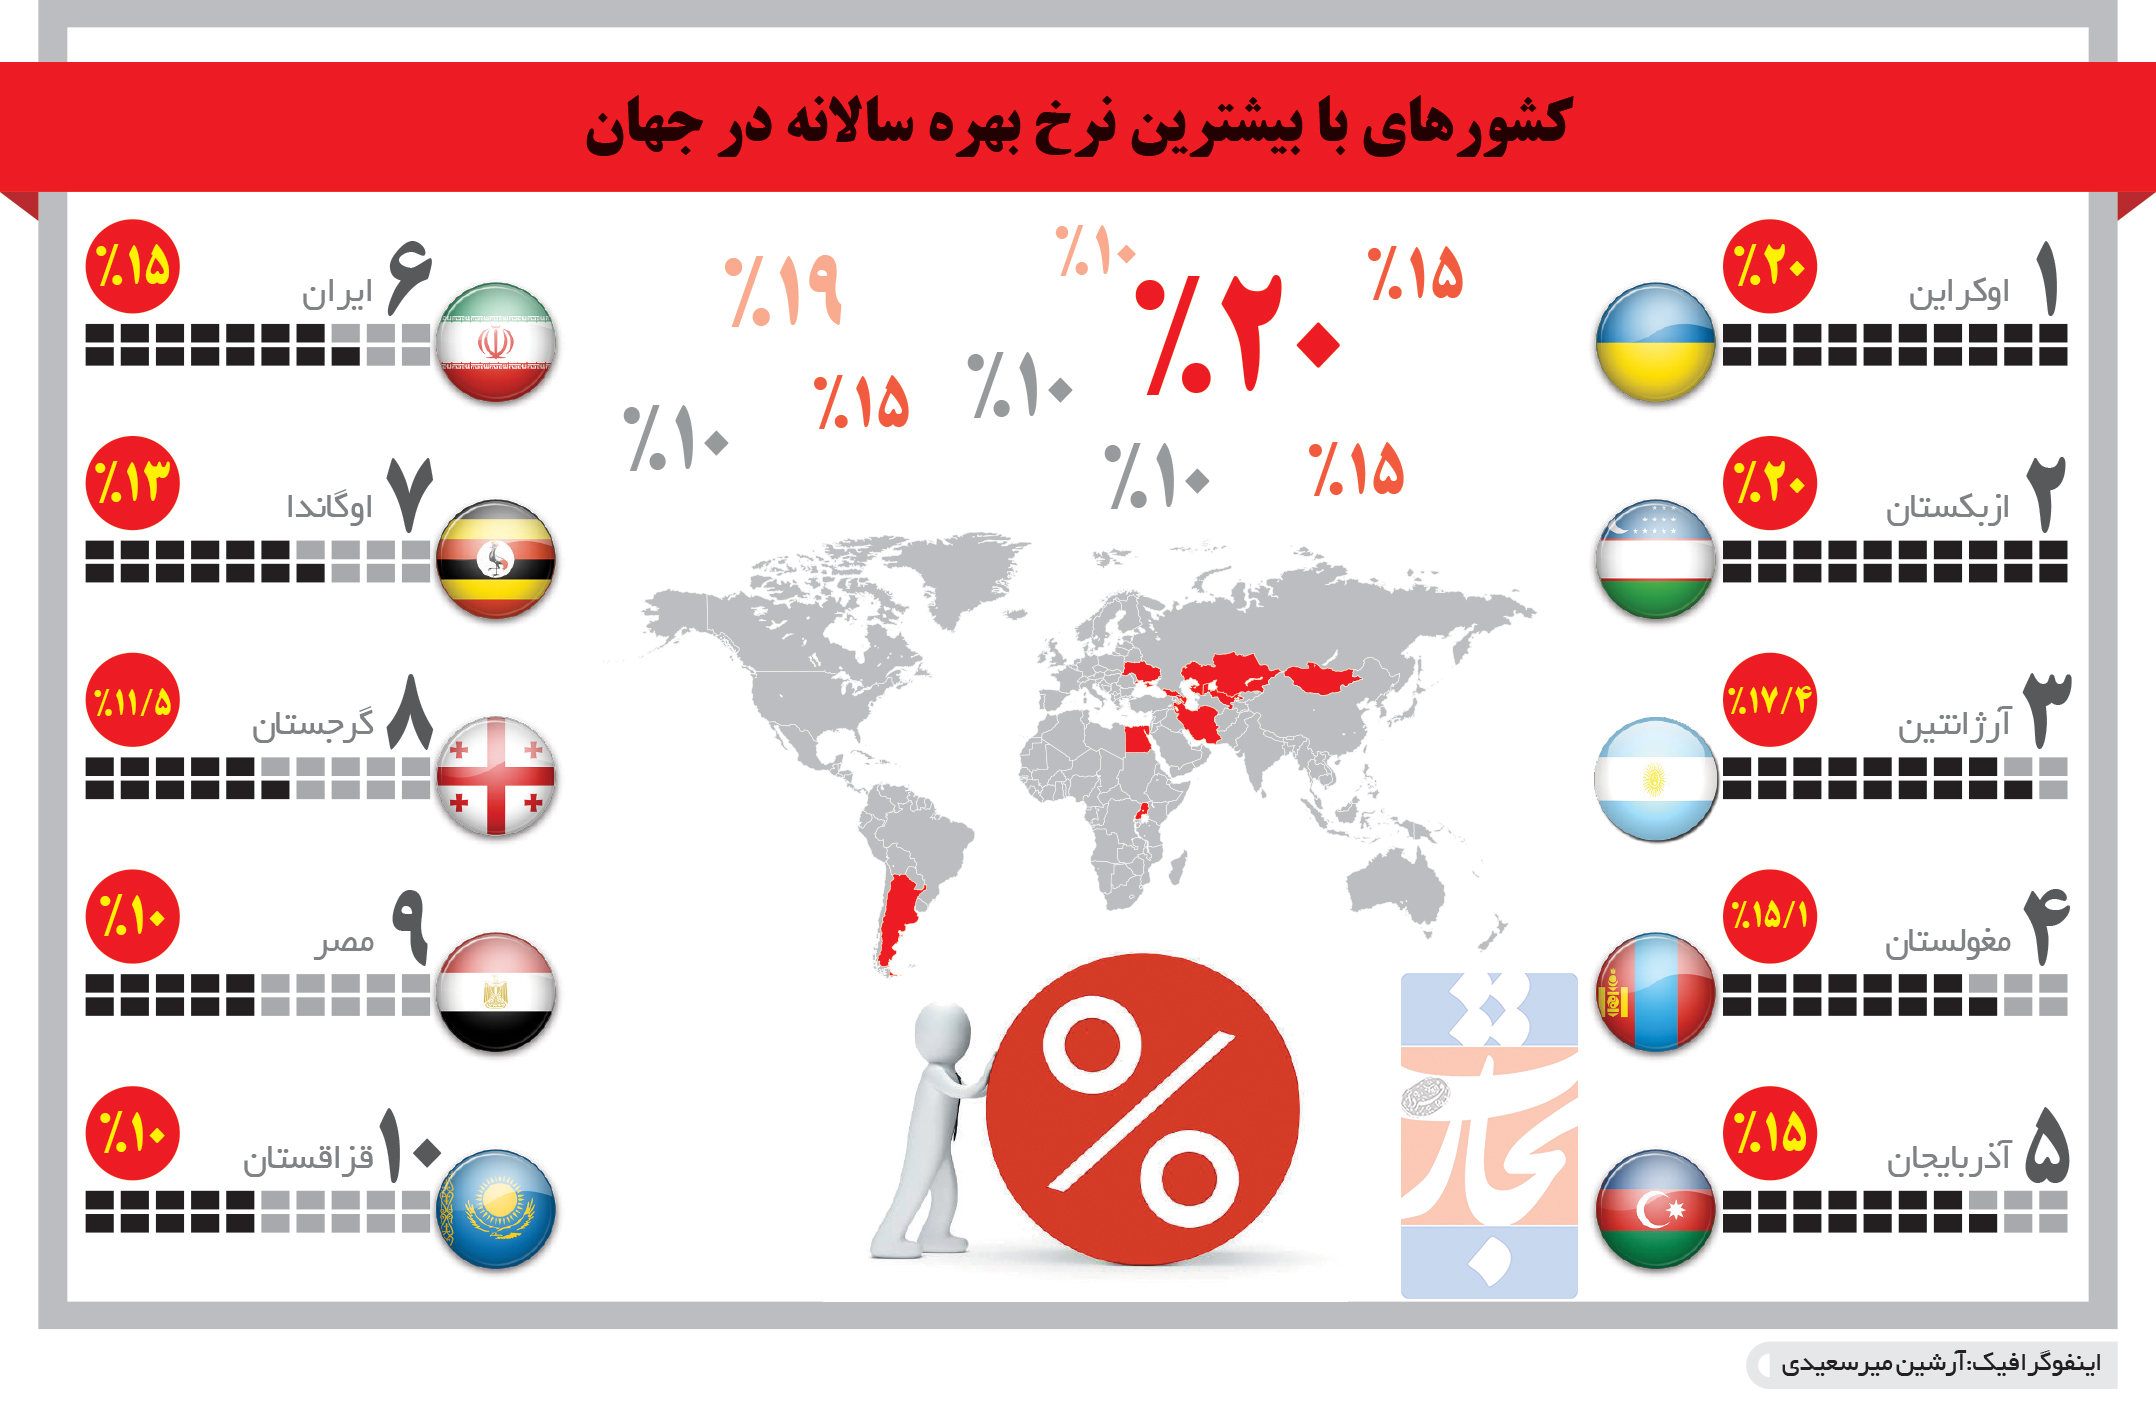 تجارت- فردا- کشورهای با بیشترین نرخ بهره سالانه در جهان(اینفوگرافیک)